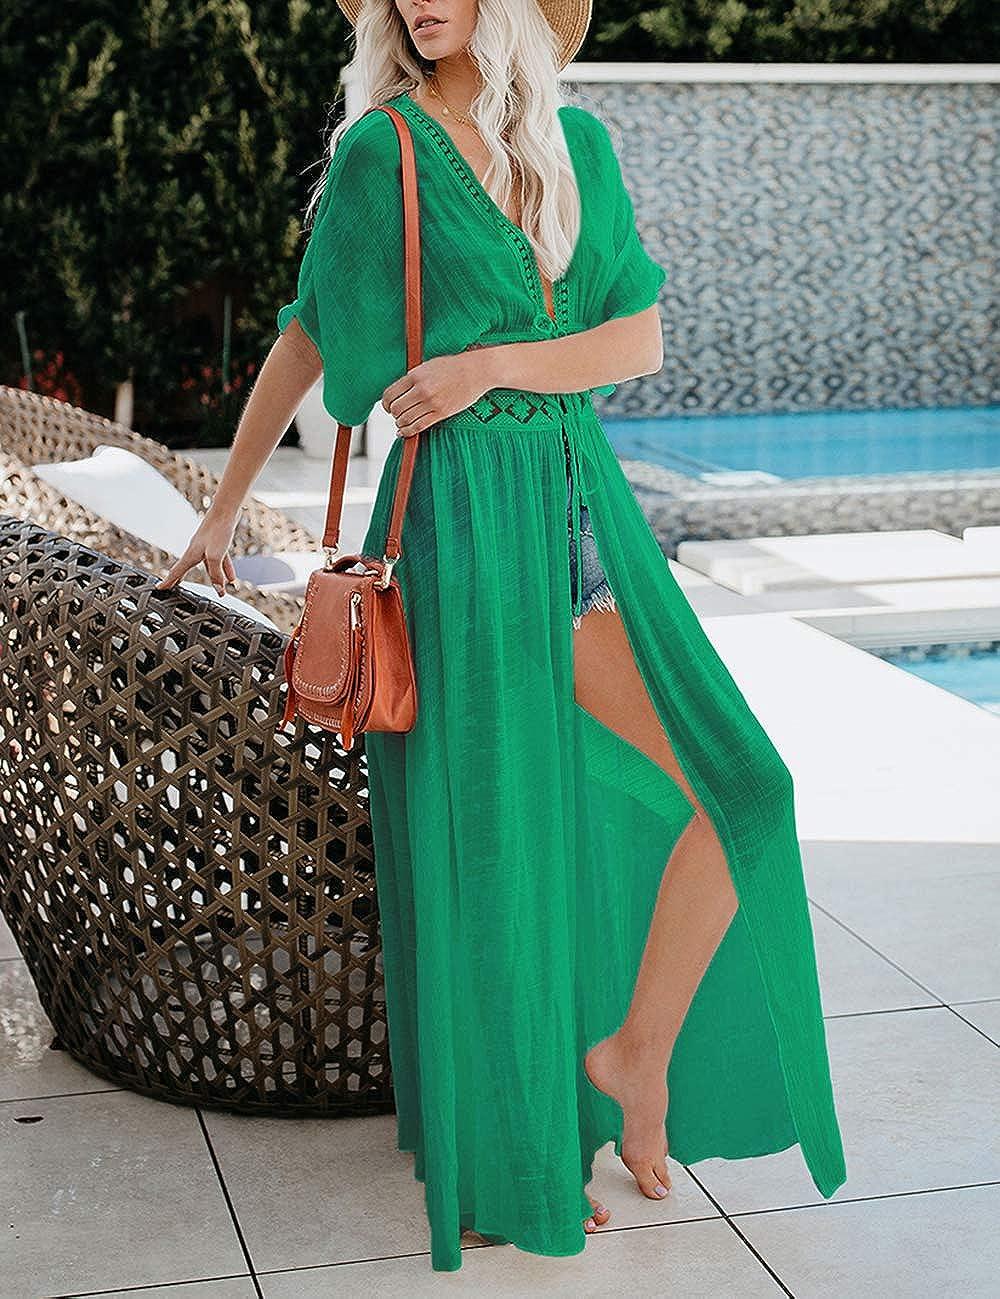 Bsubseach Long Maillot De Bain Couvrir D/ét/é Kimono /À Manches Courtes Plage Open Front Cardigan Couvre Ups pour Femmes Vert